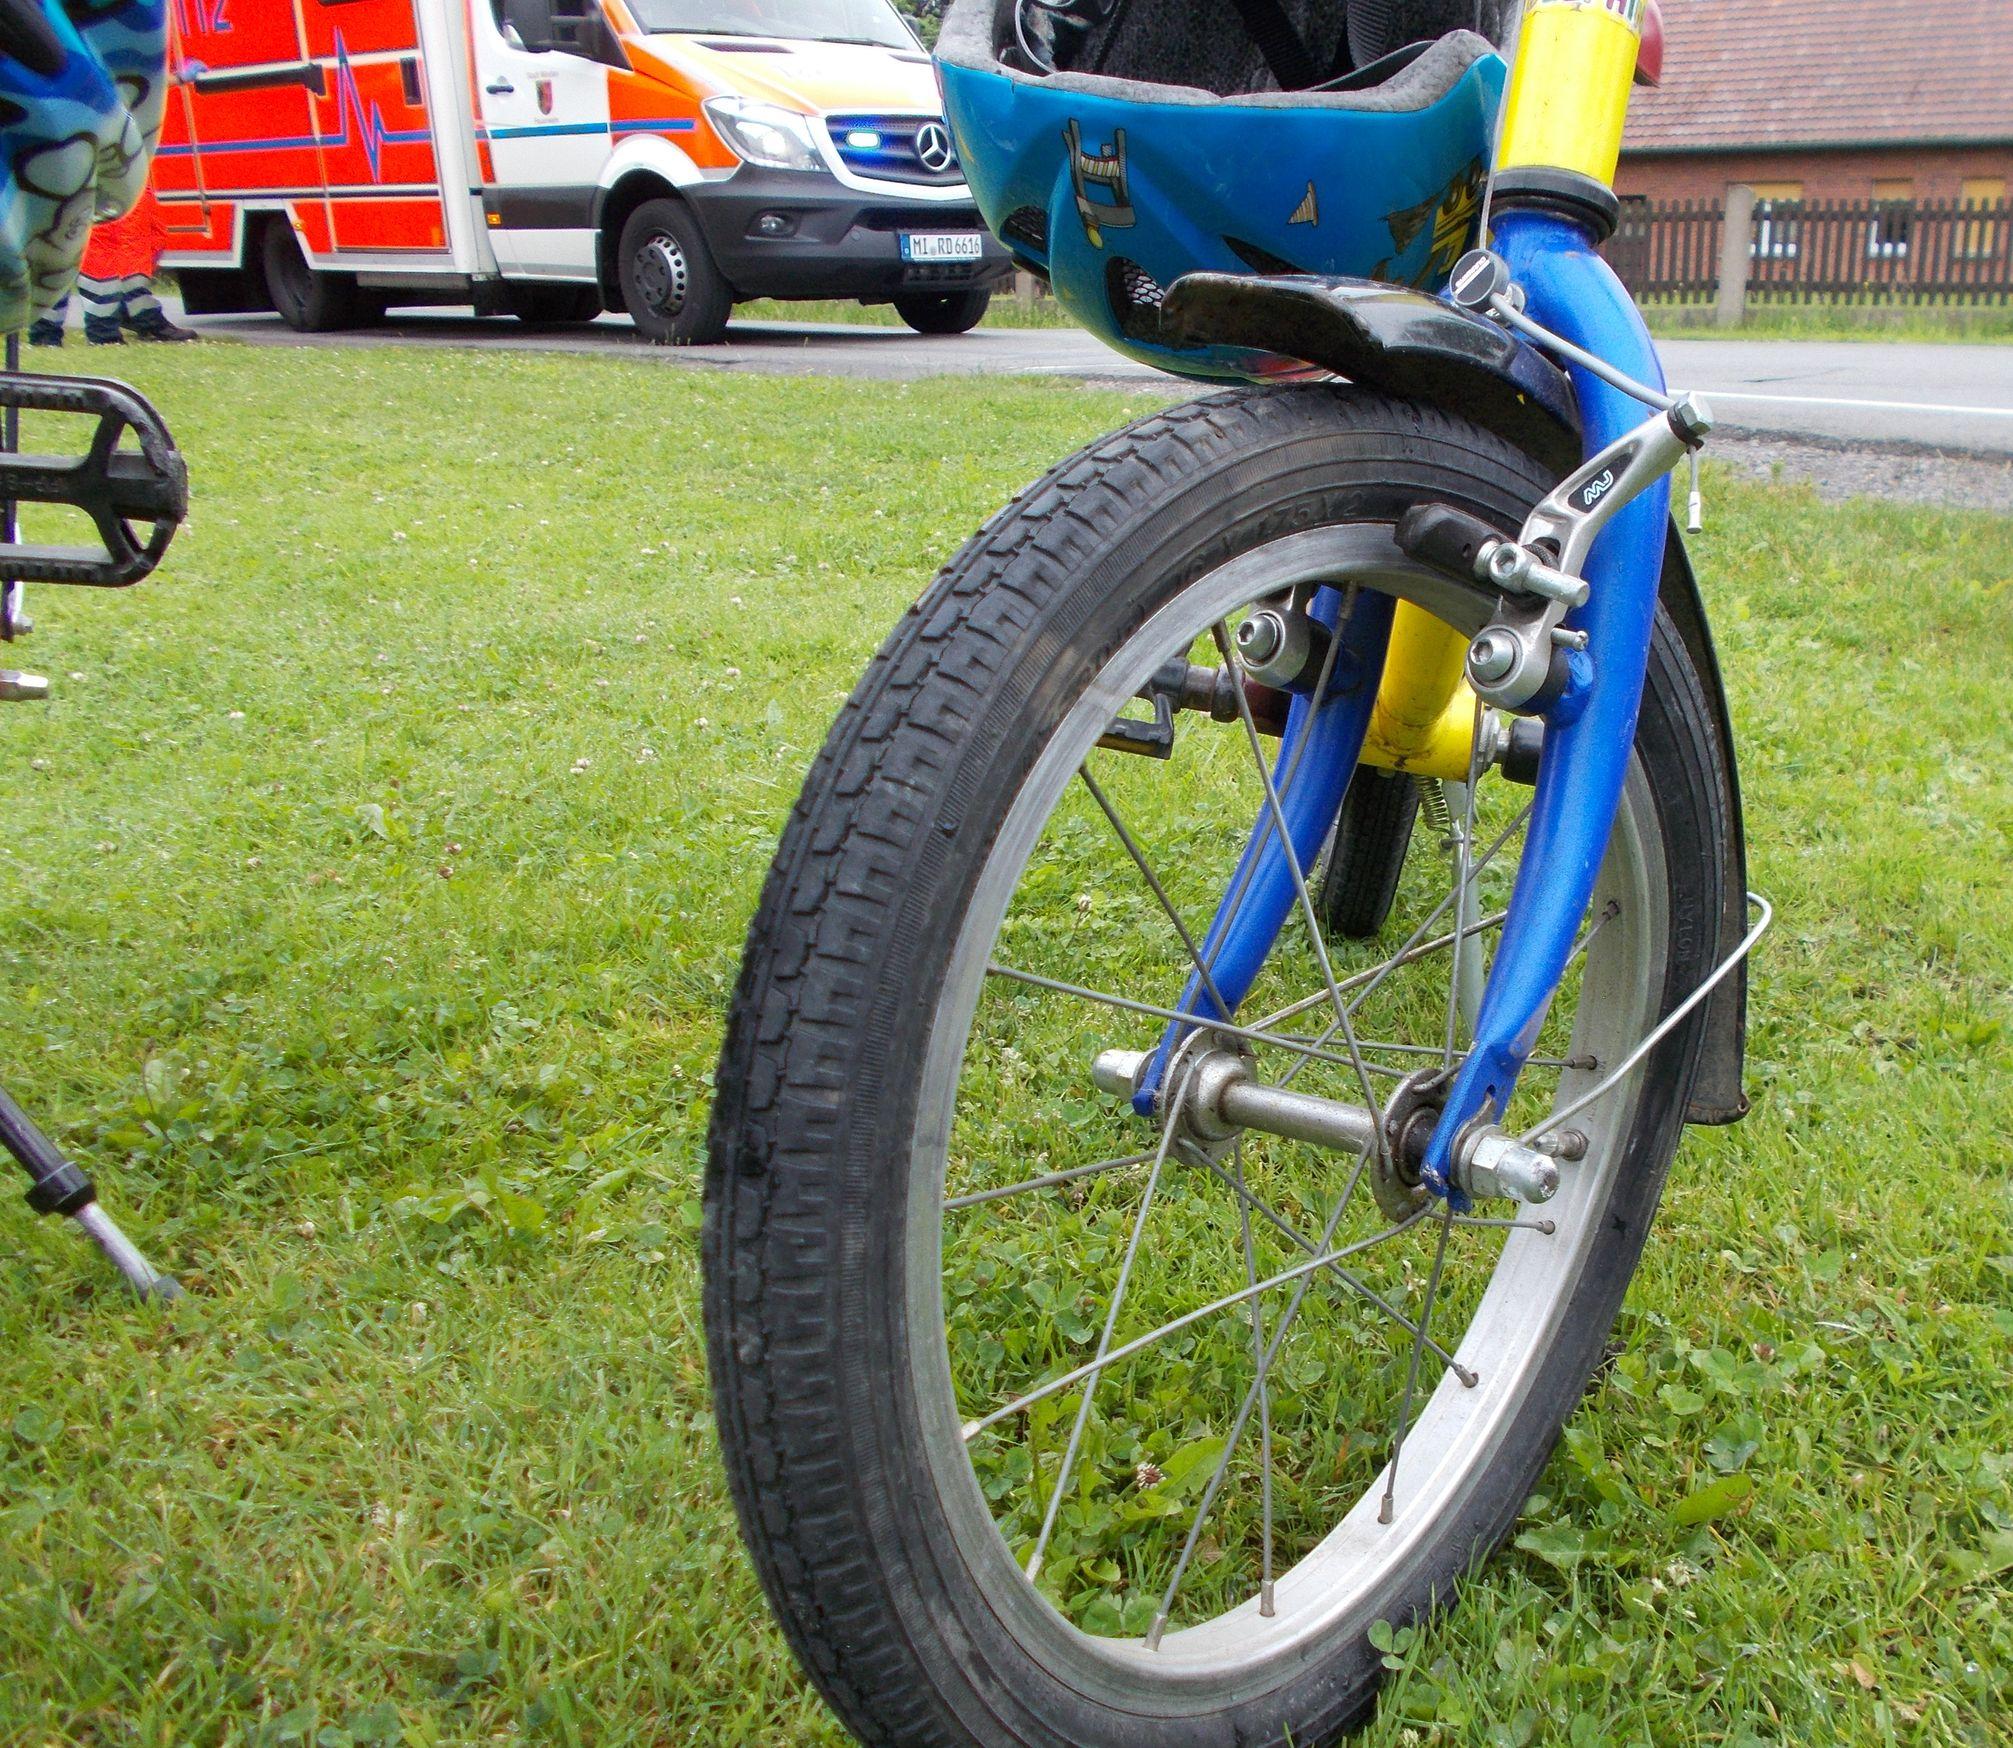 Verkehrsunfall mit Traktor (Foto: OTS)